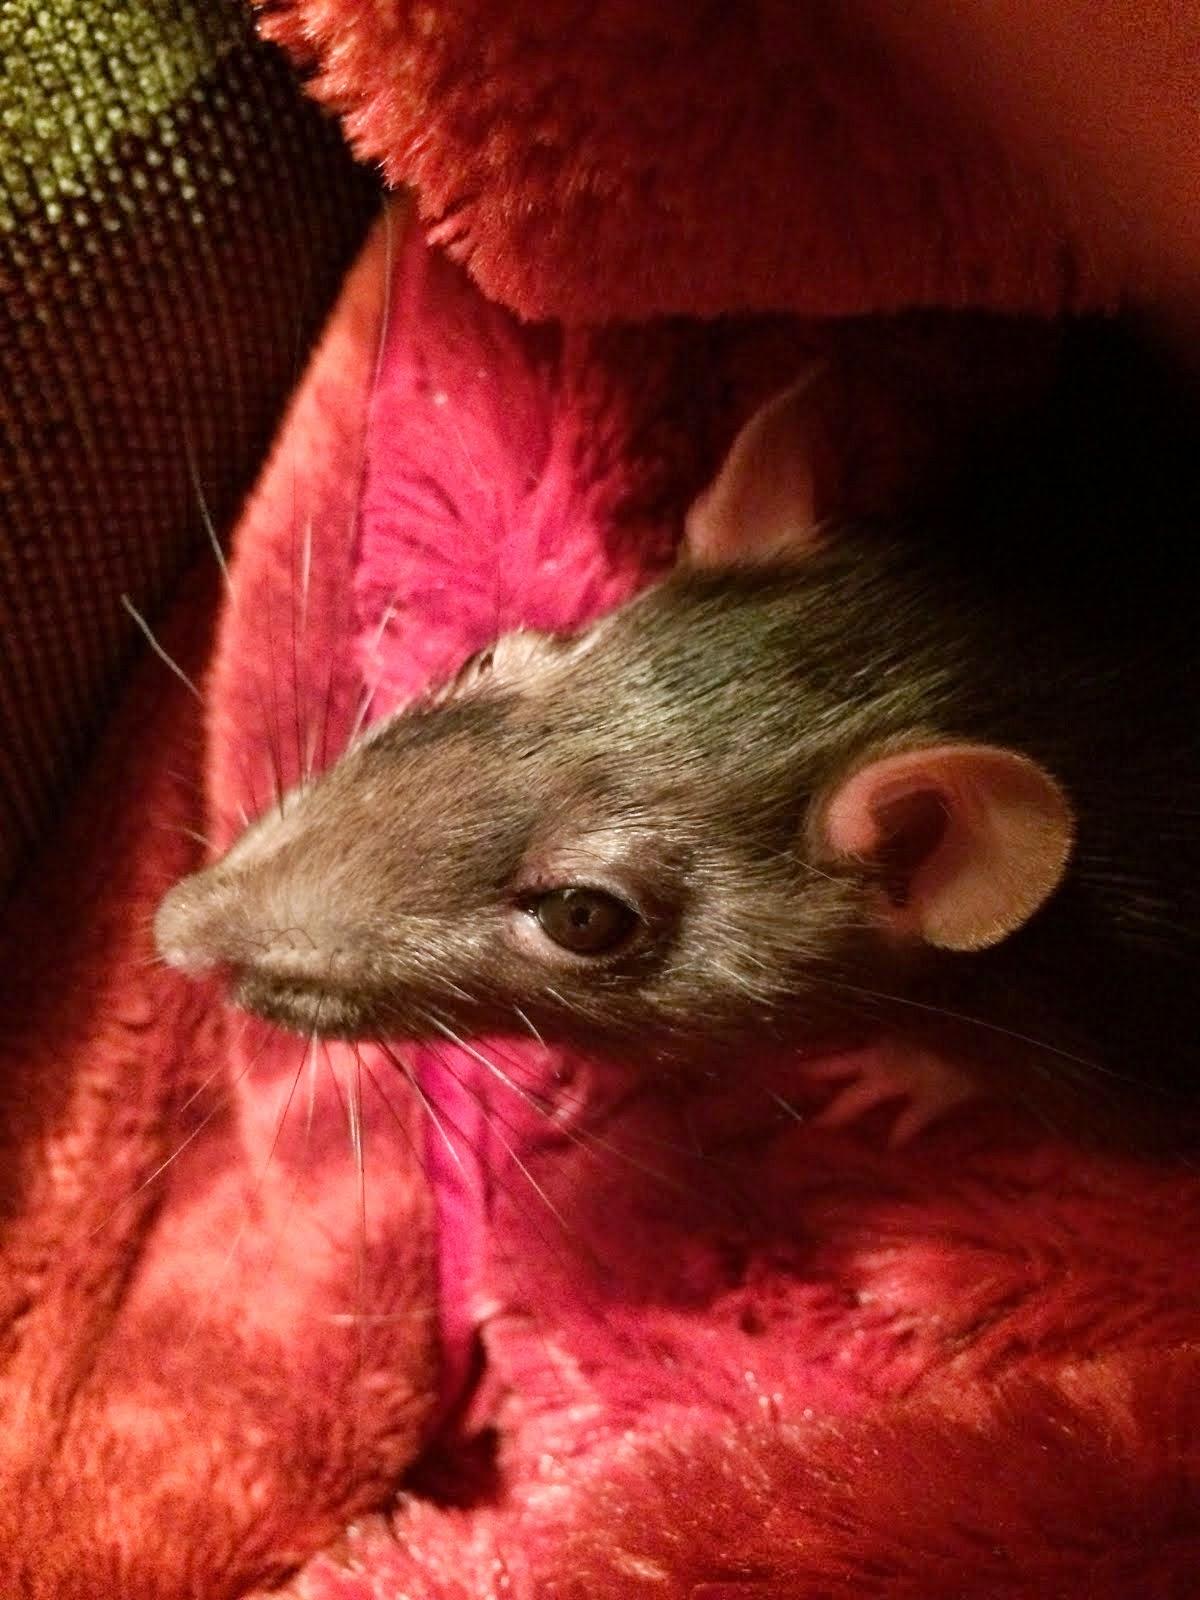 Rats get a bad rap